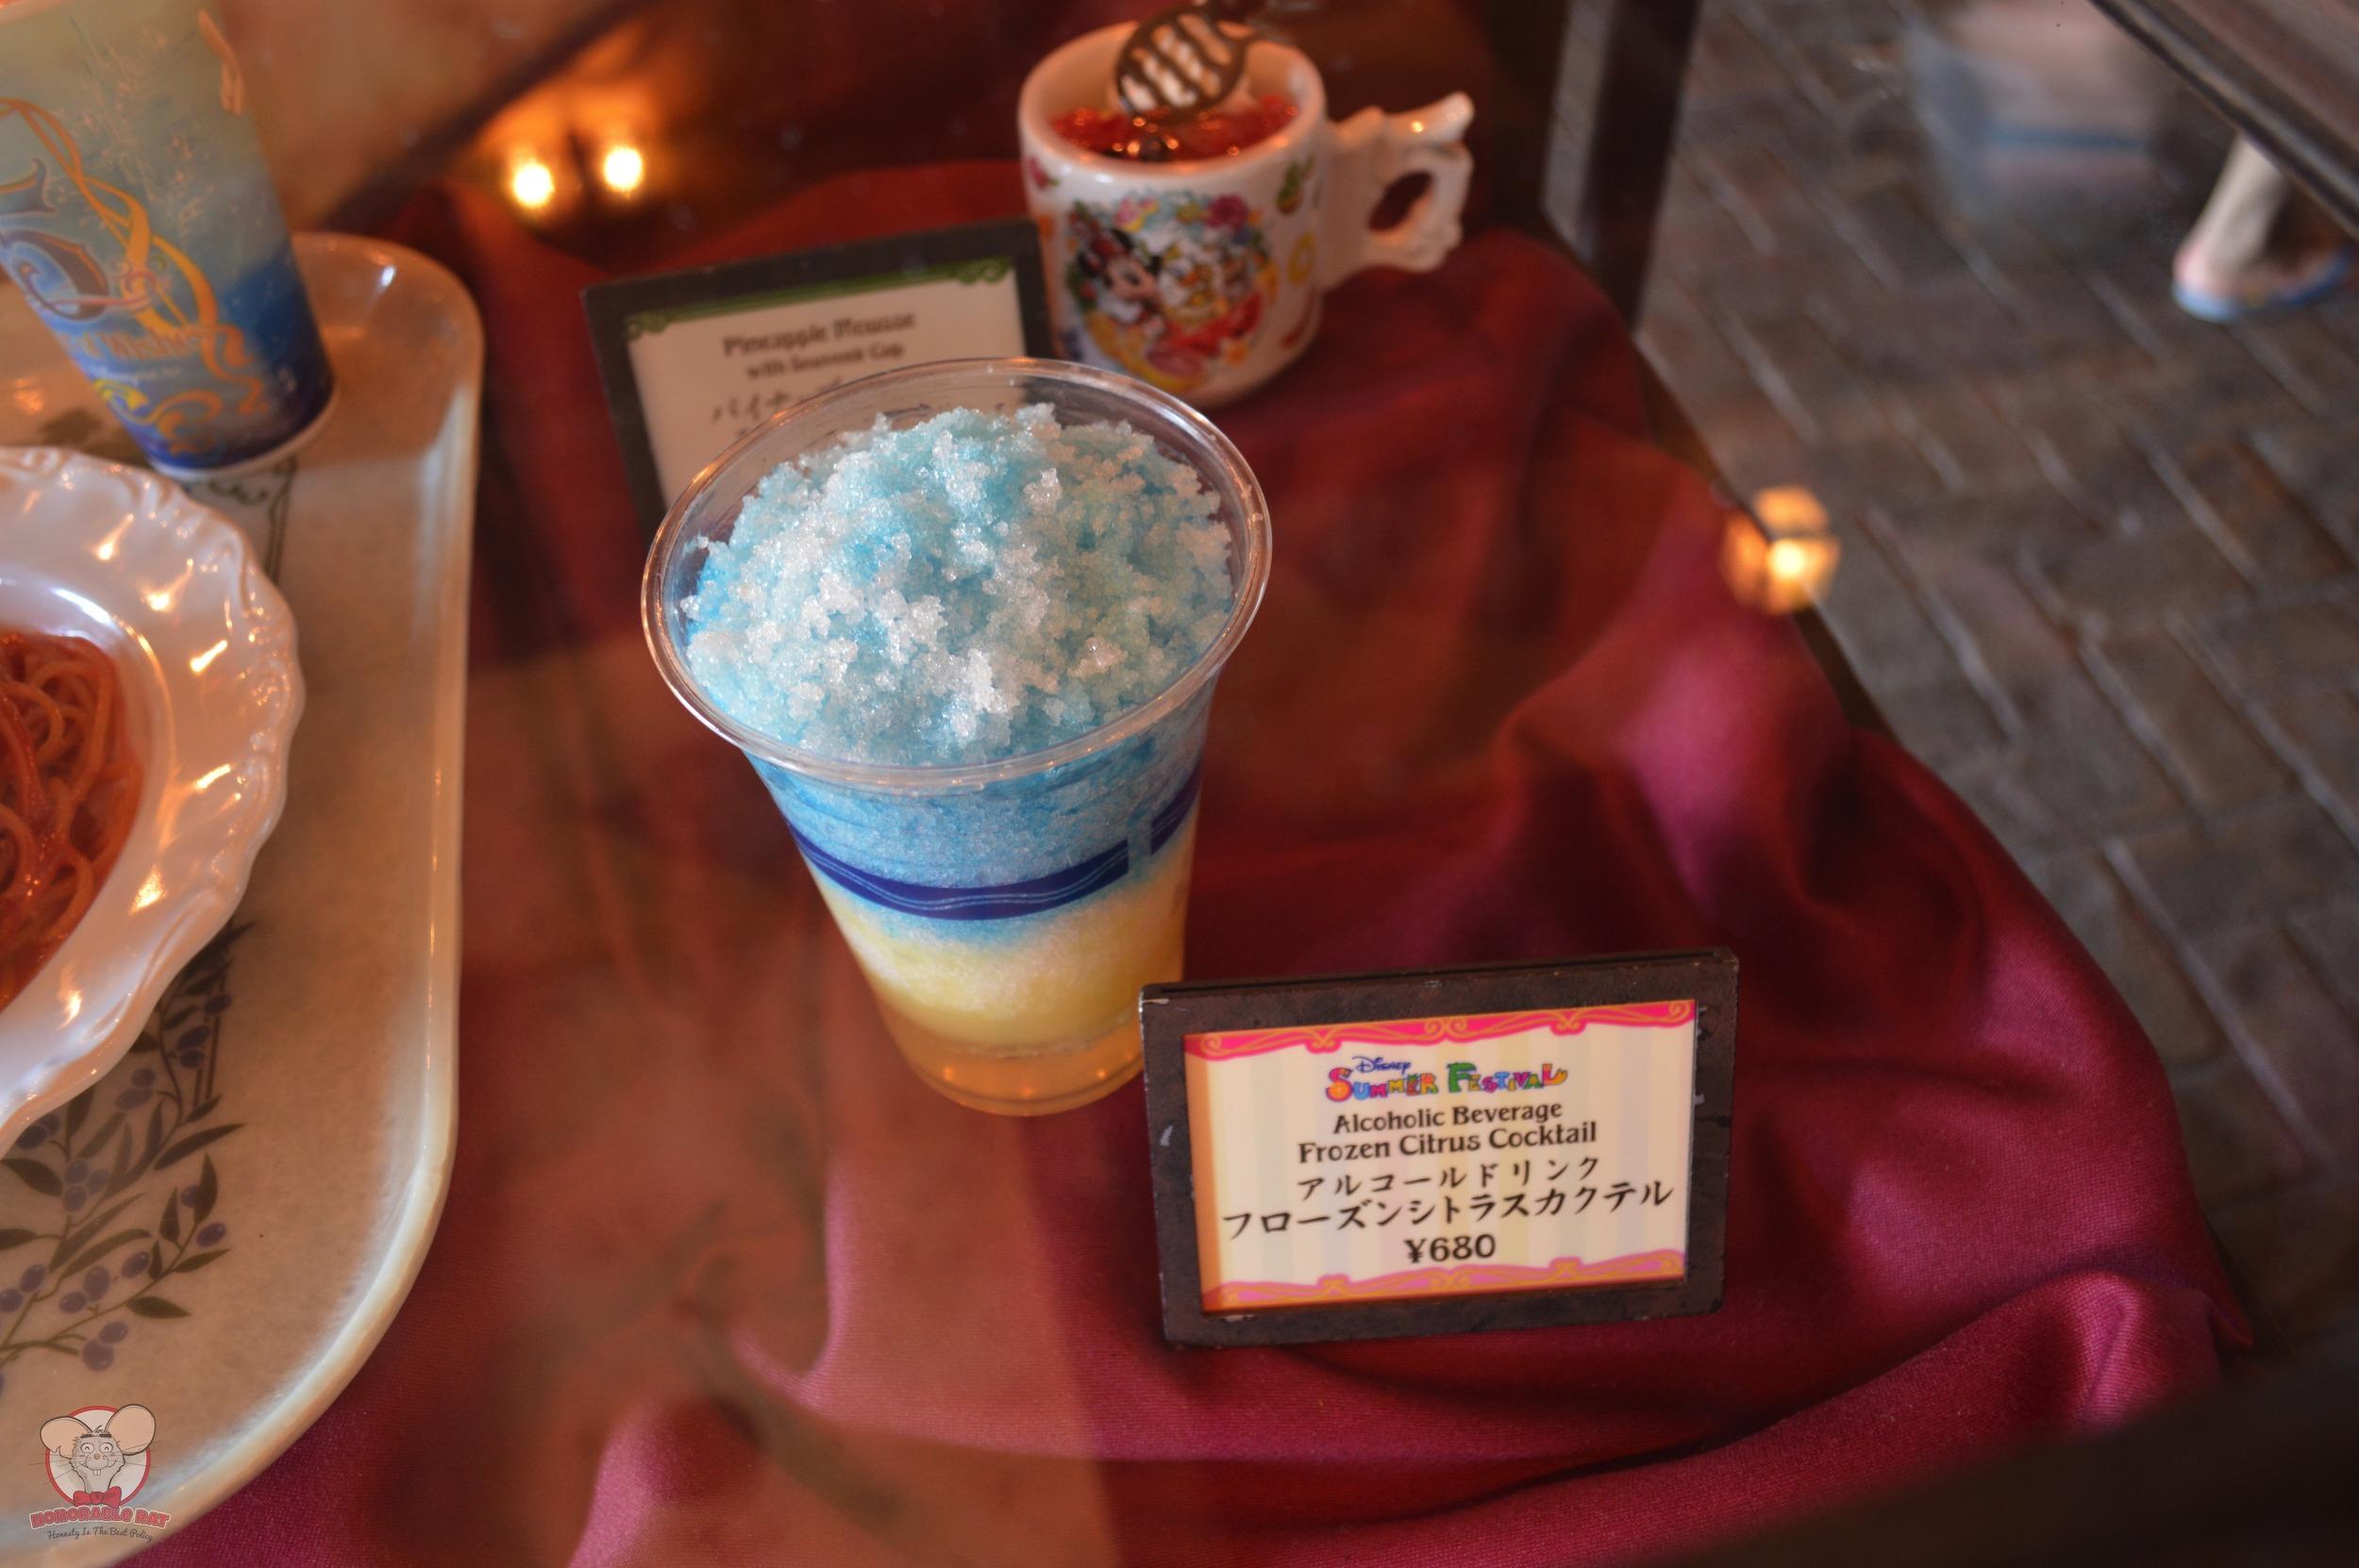 Frozen Citrus Cocktail in Zambini Brothers' Ristorante